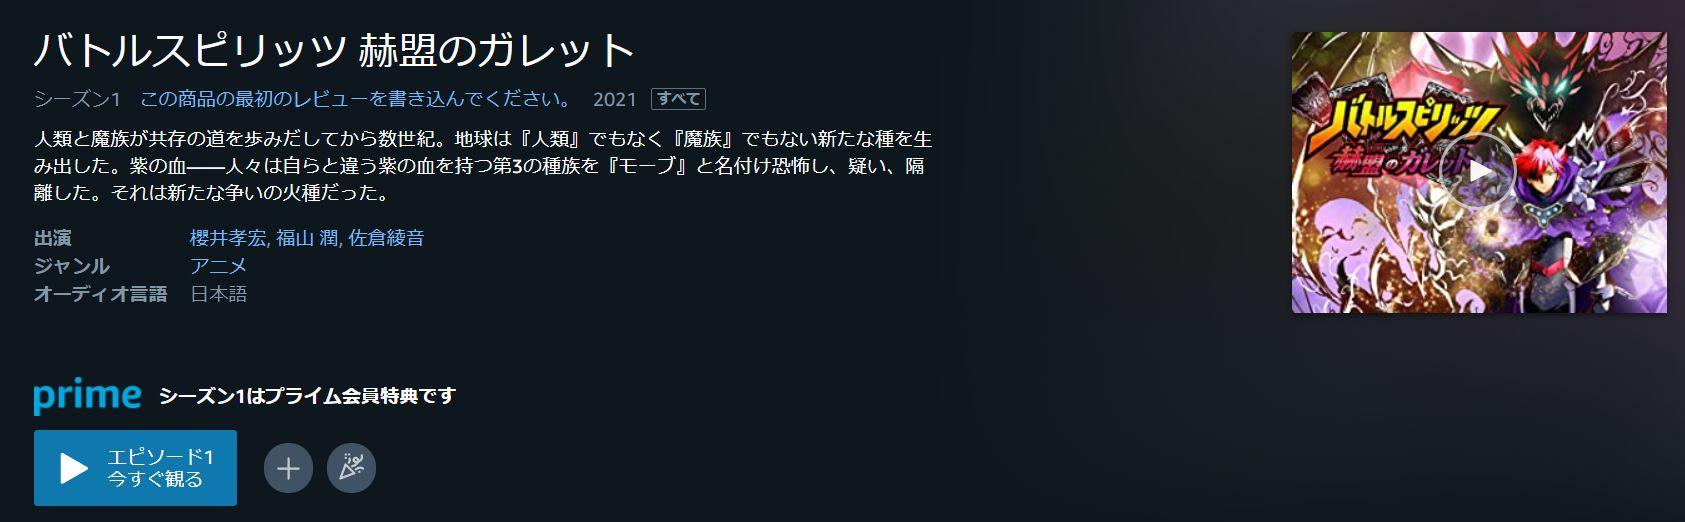 バトスピアニメ「赫盟のガレット」はアマゾンプライム会員ならアニメ全話が無料視聴可能!